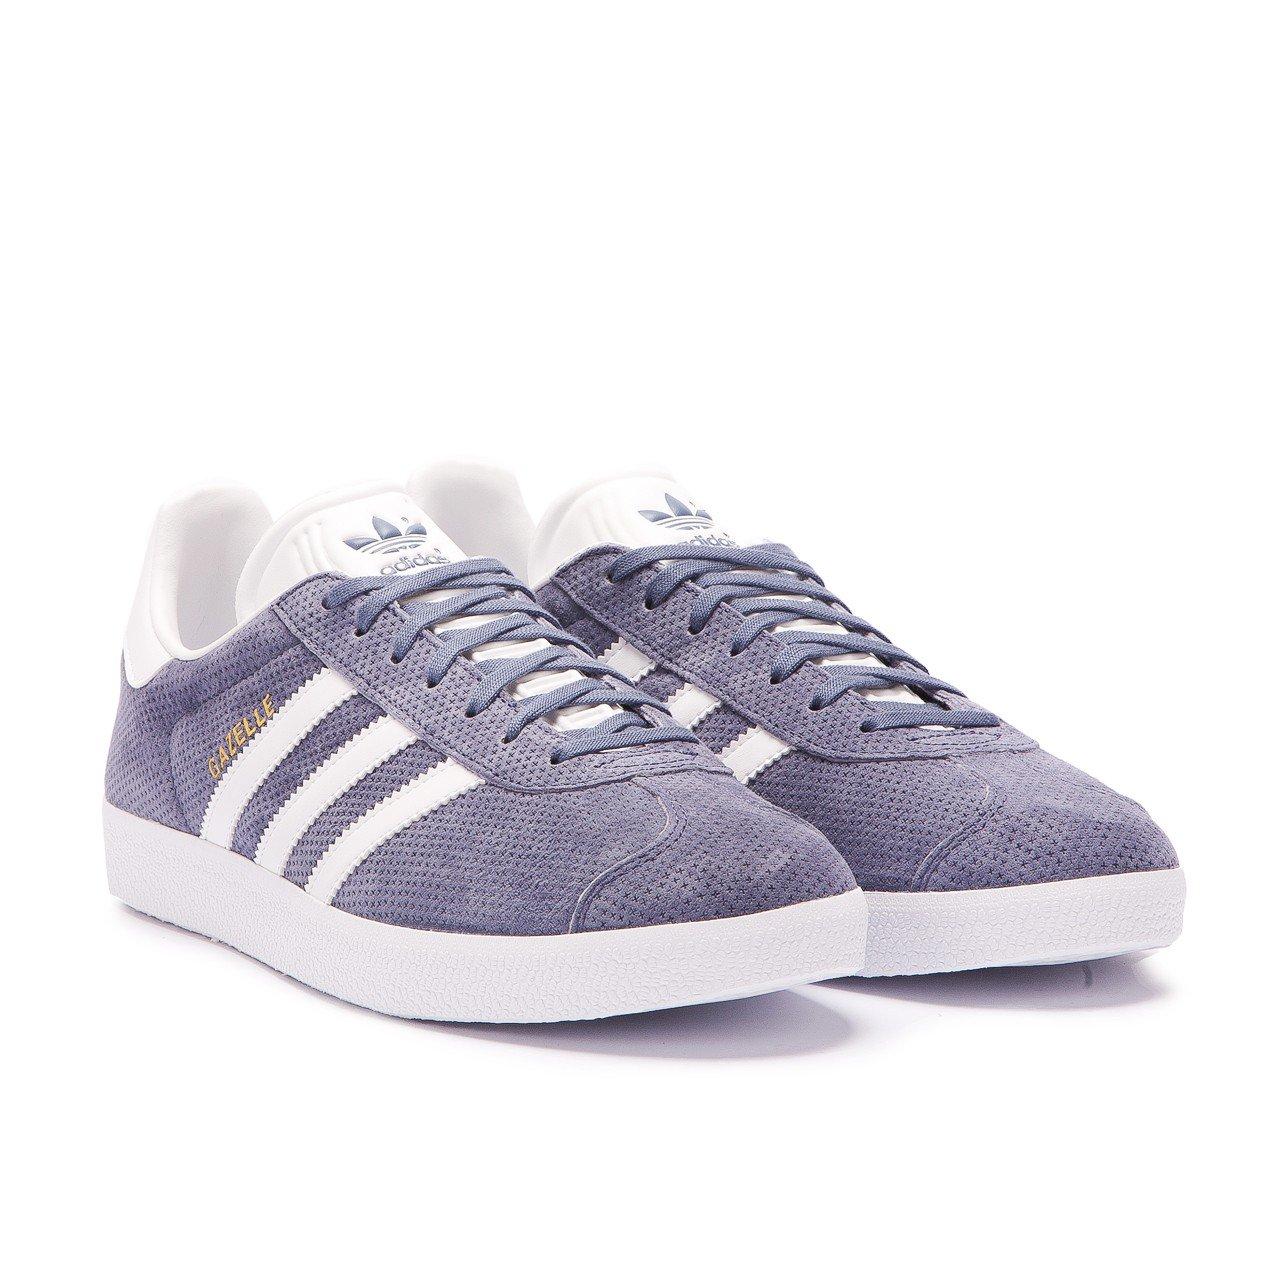 Basket adidas originals gazelle bb5492 Adidas Originals